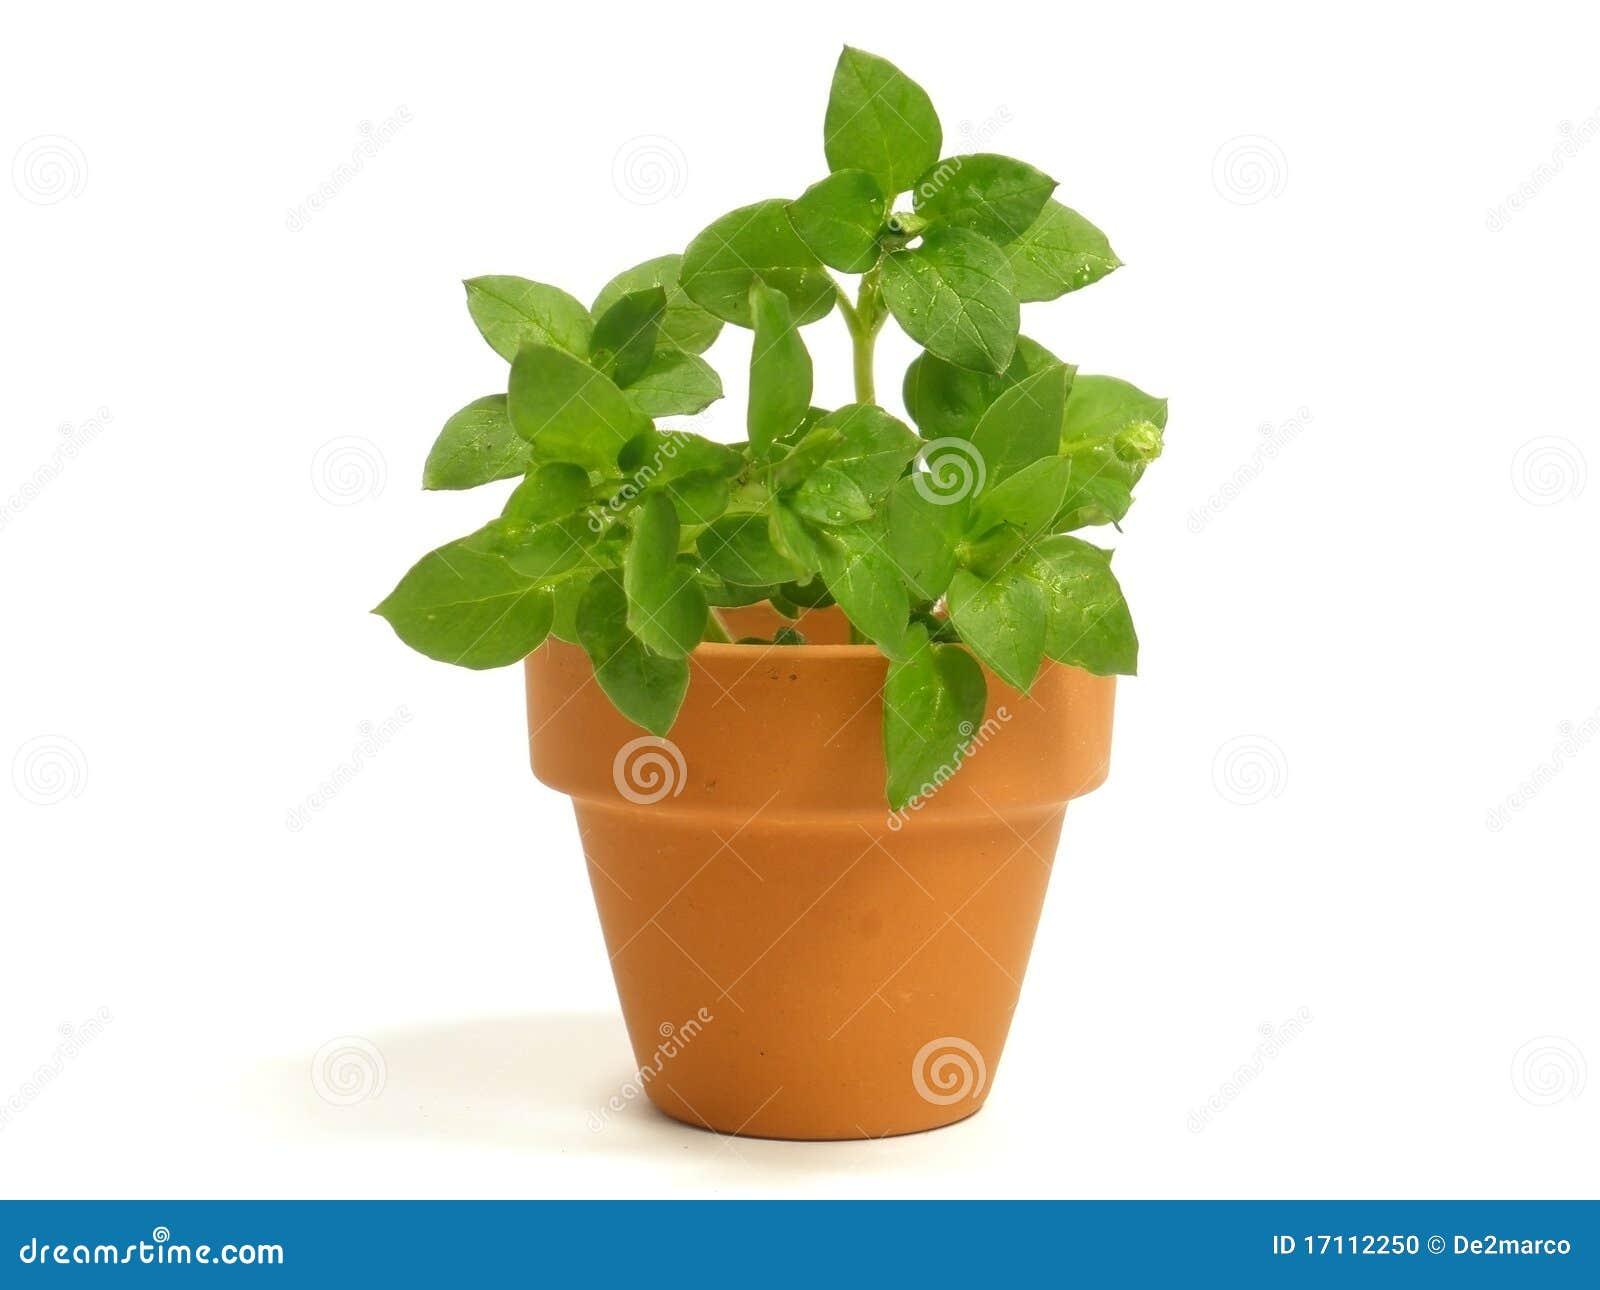 Planta en maceta foto de archivo imagen 17112250 for Plantas en macetas